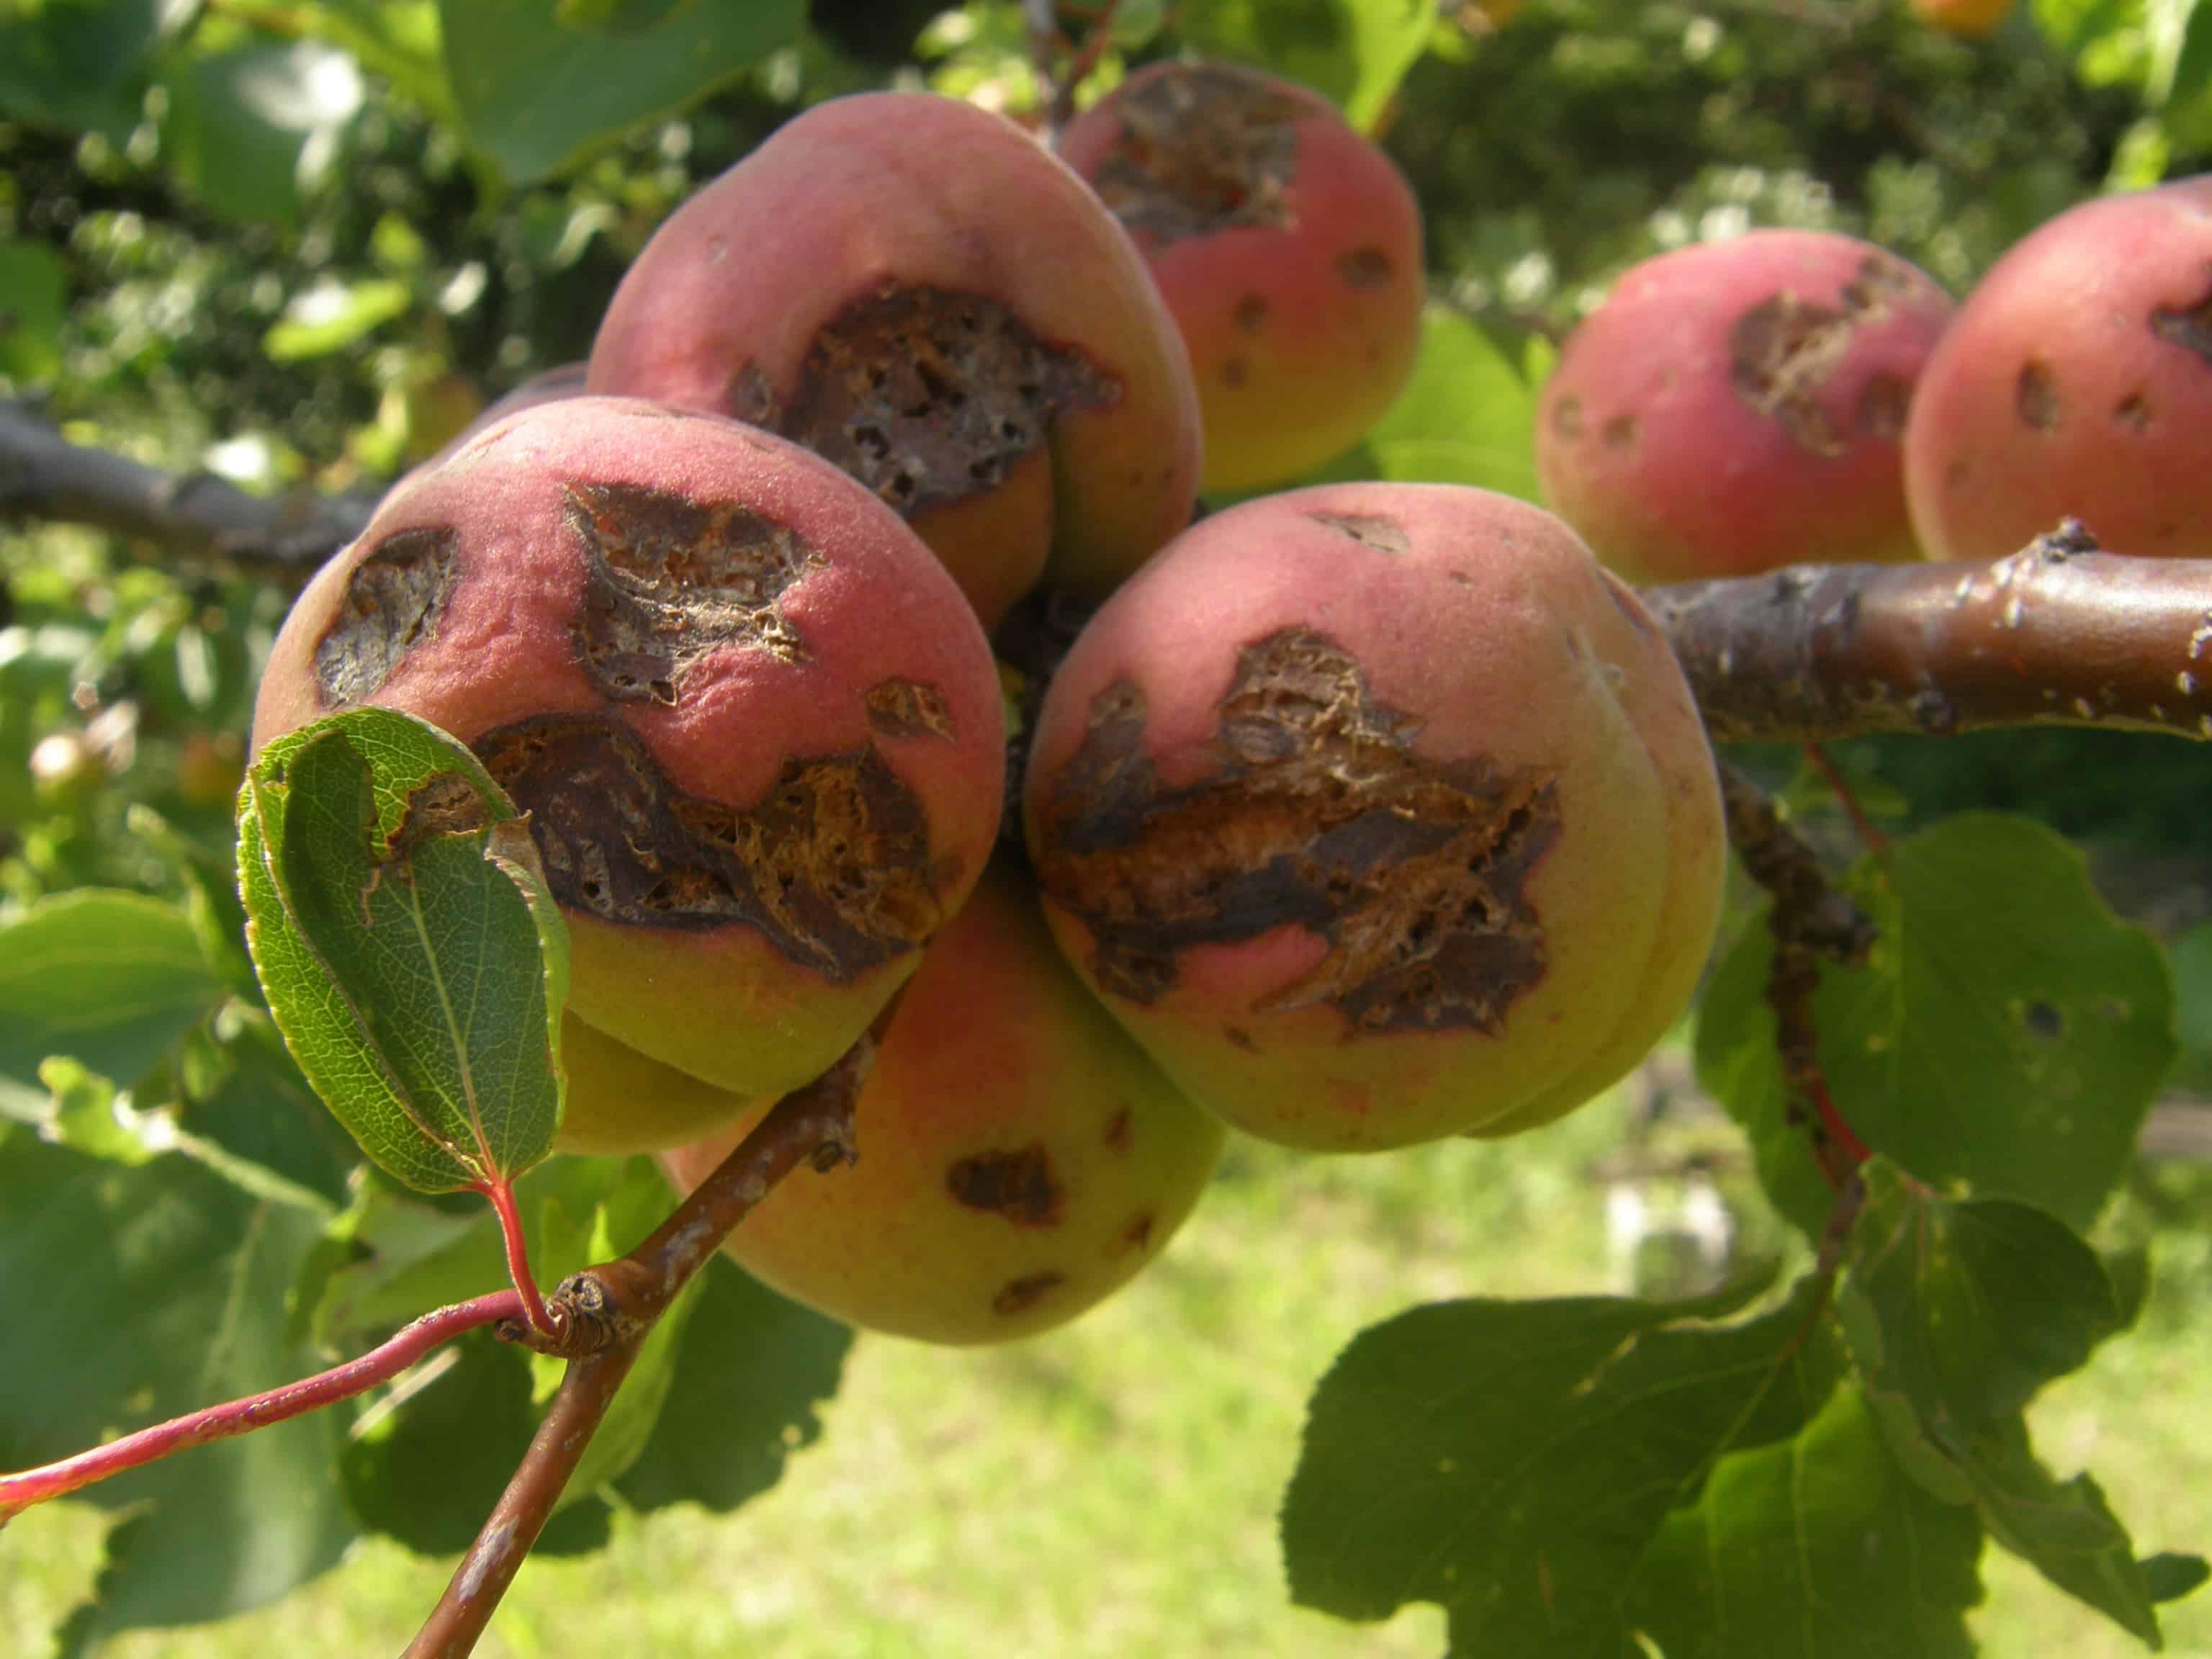 Tavelure sur pommes